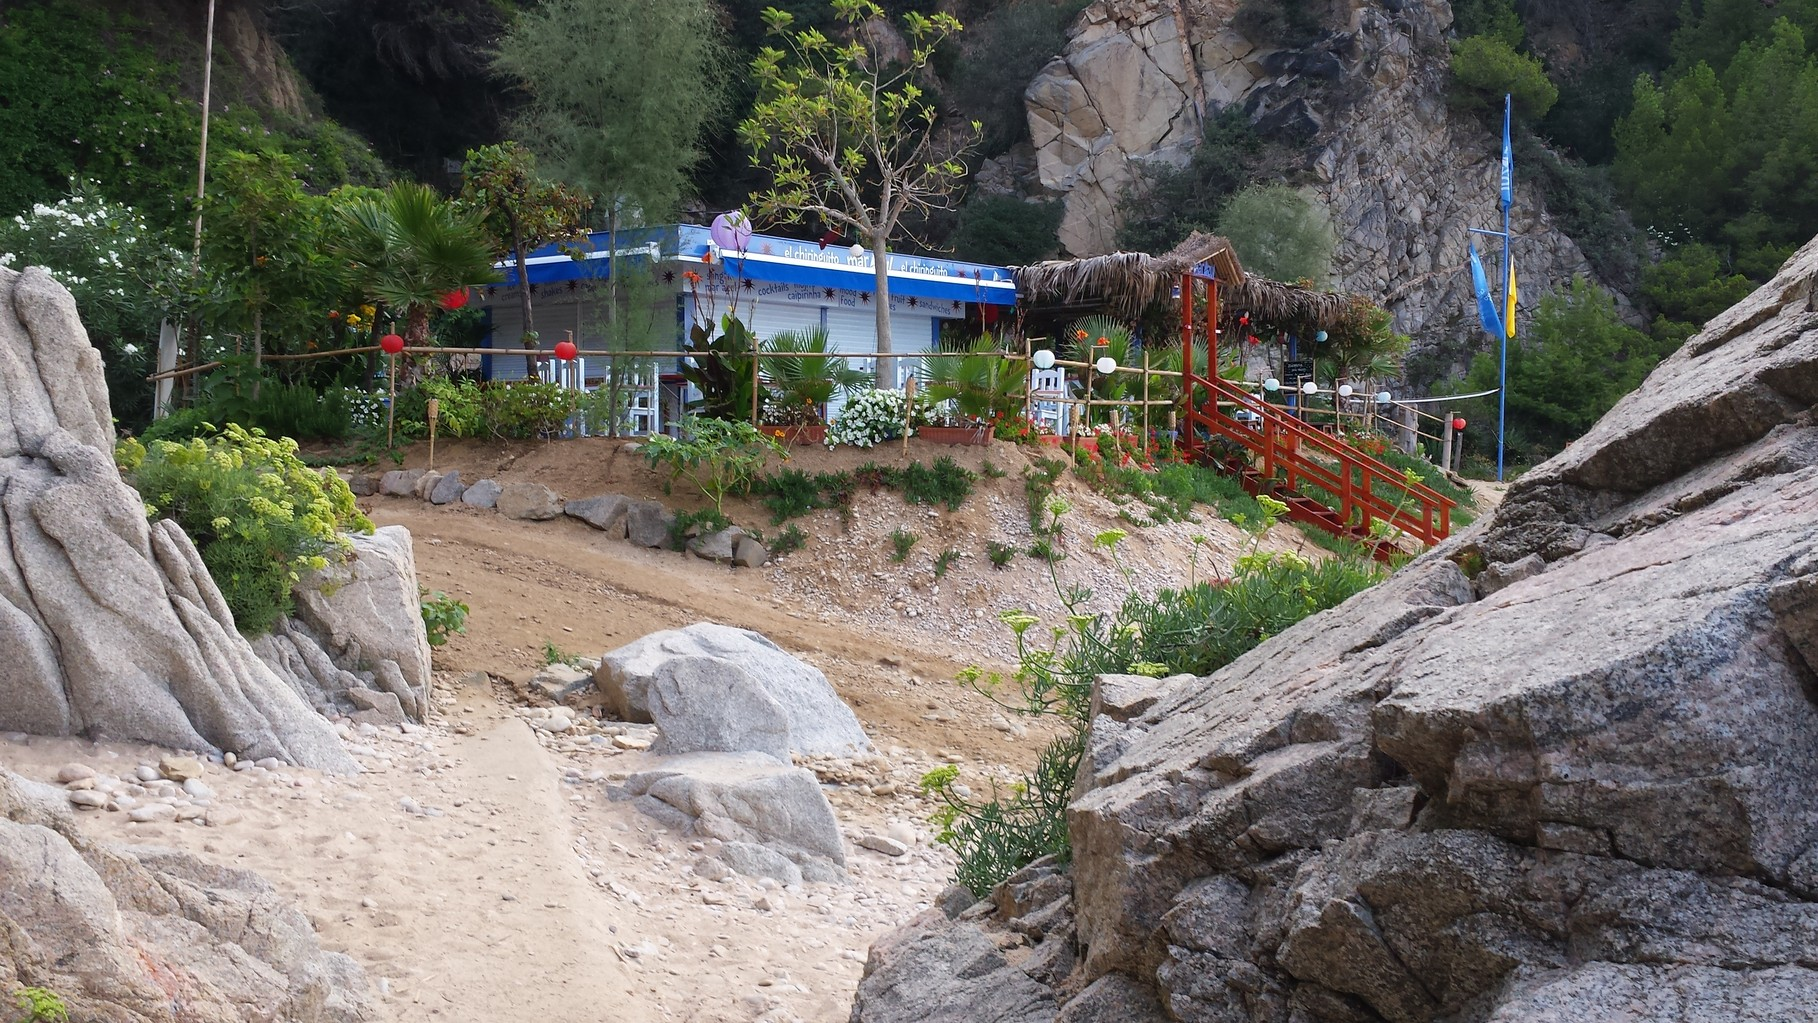 Bar cocteleria a la platja, Mar blau